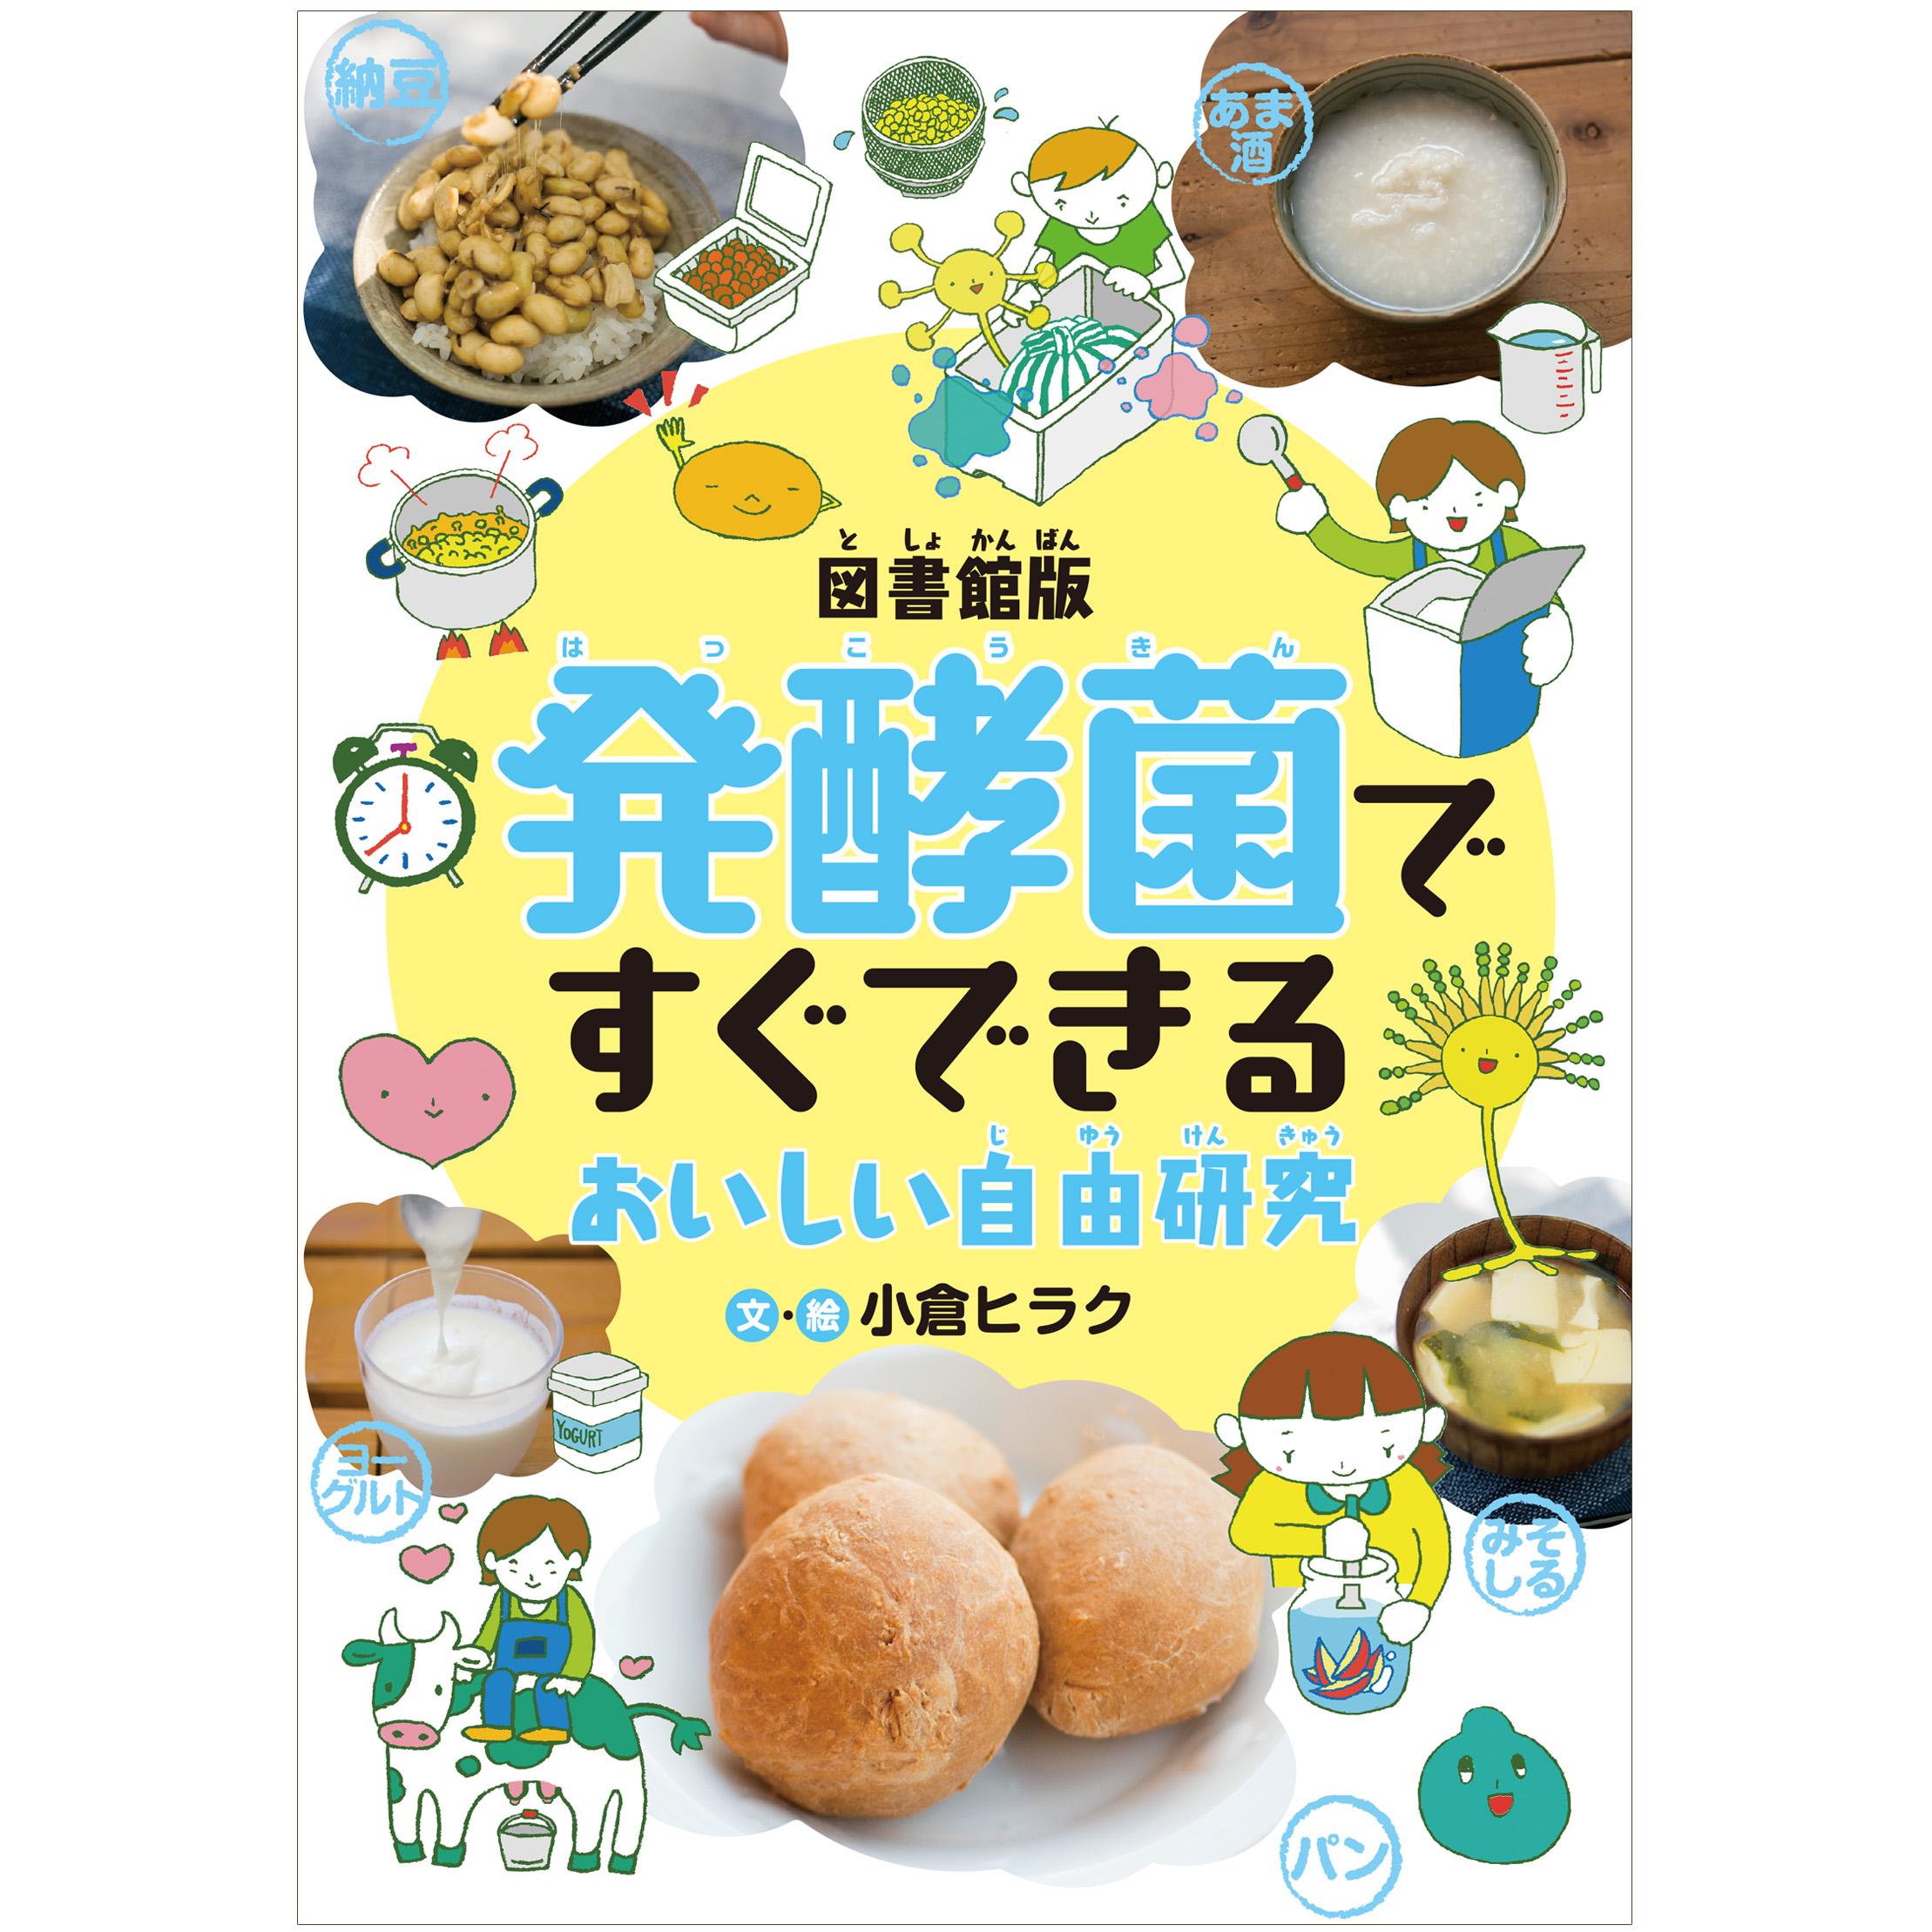 図書館版『発酵菌ですぐできるおいしい自由研究』